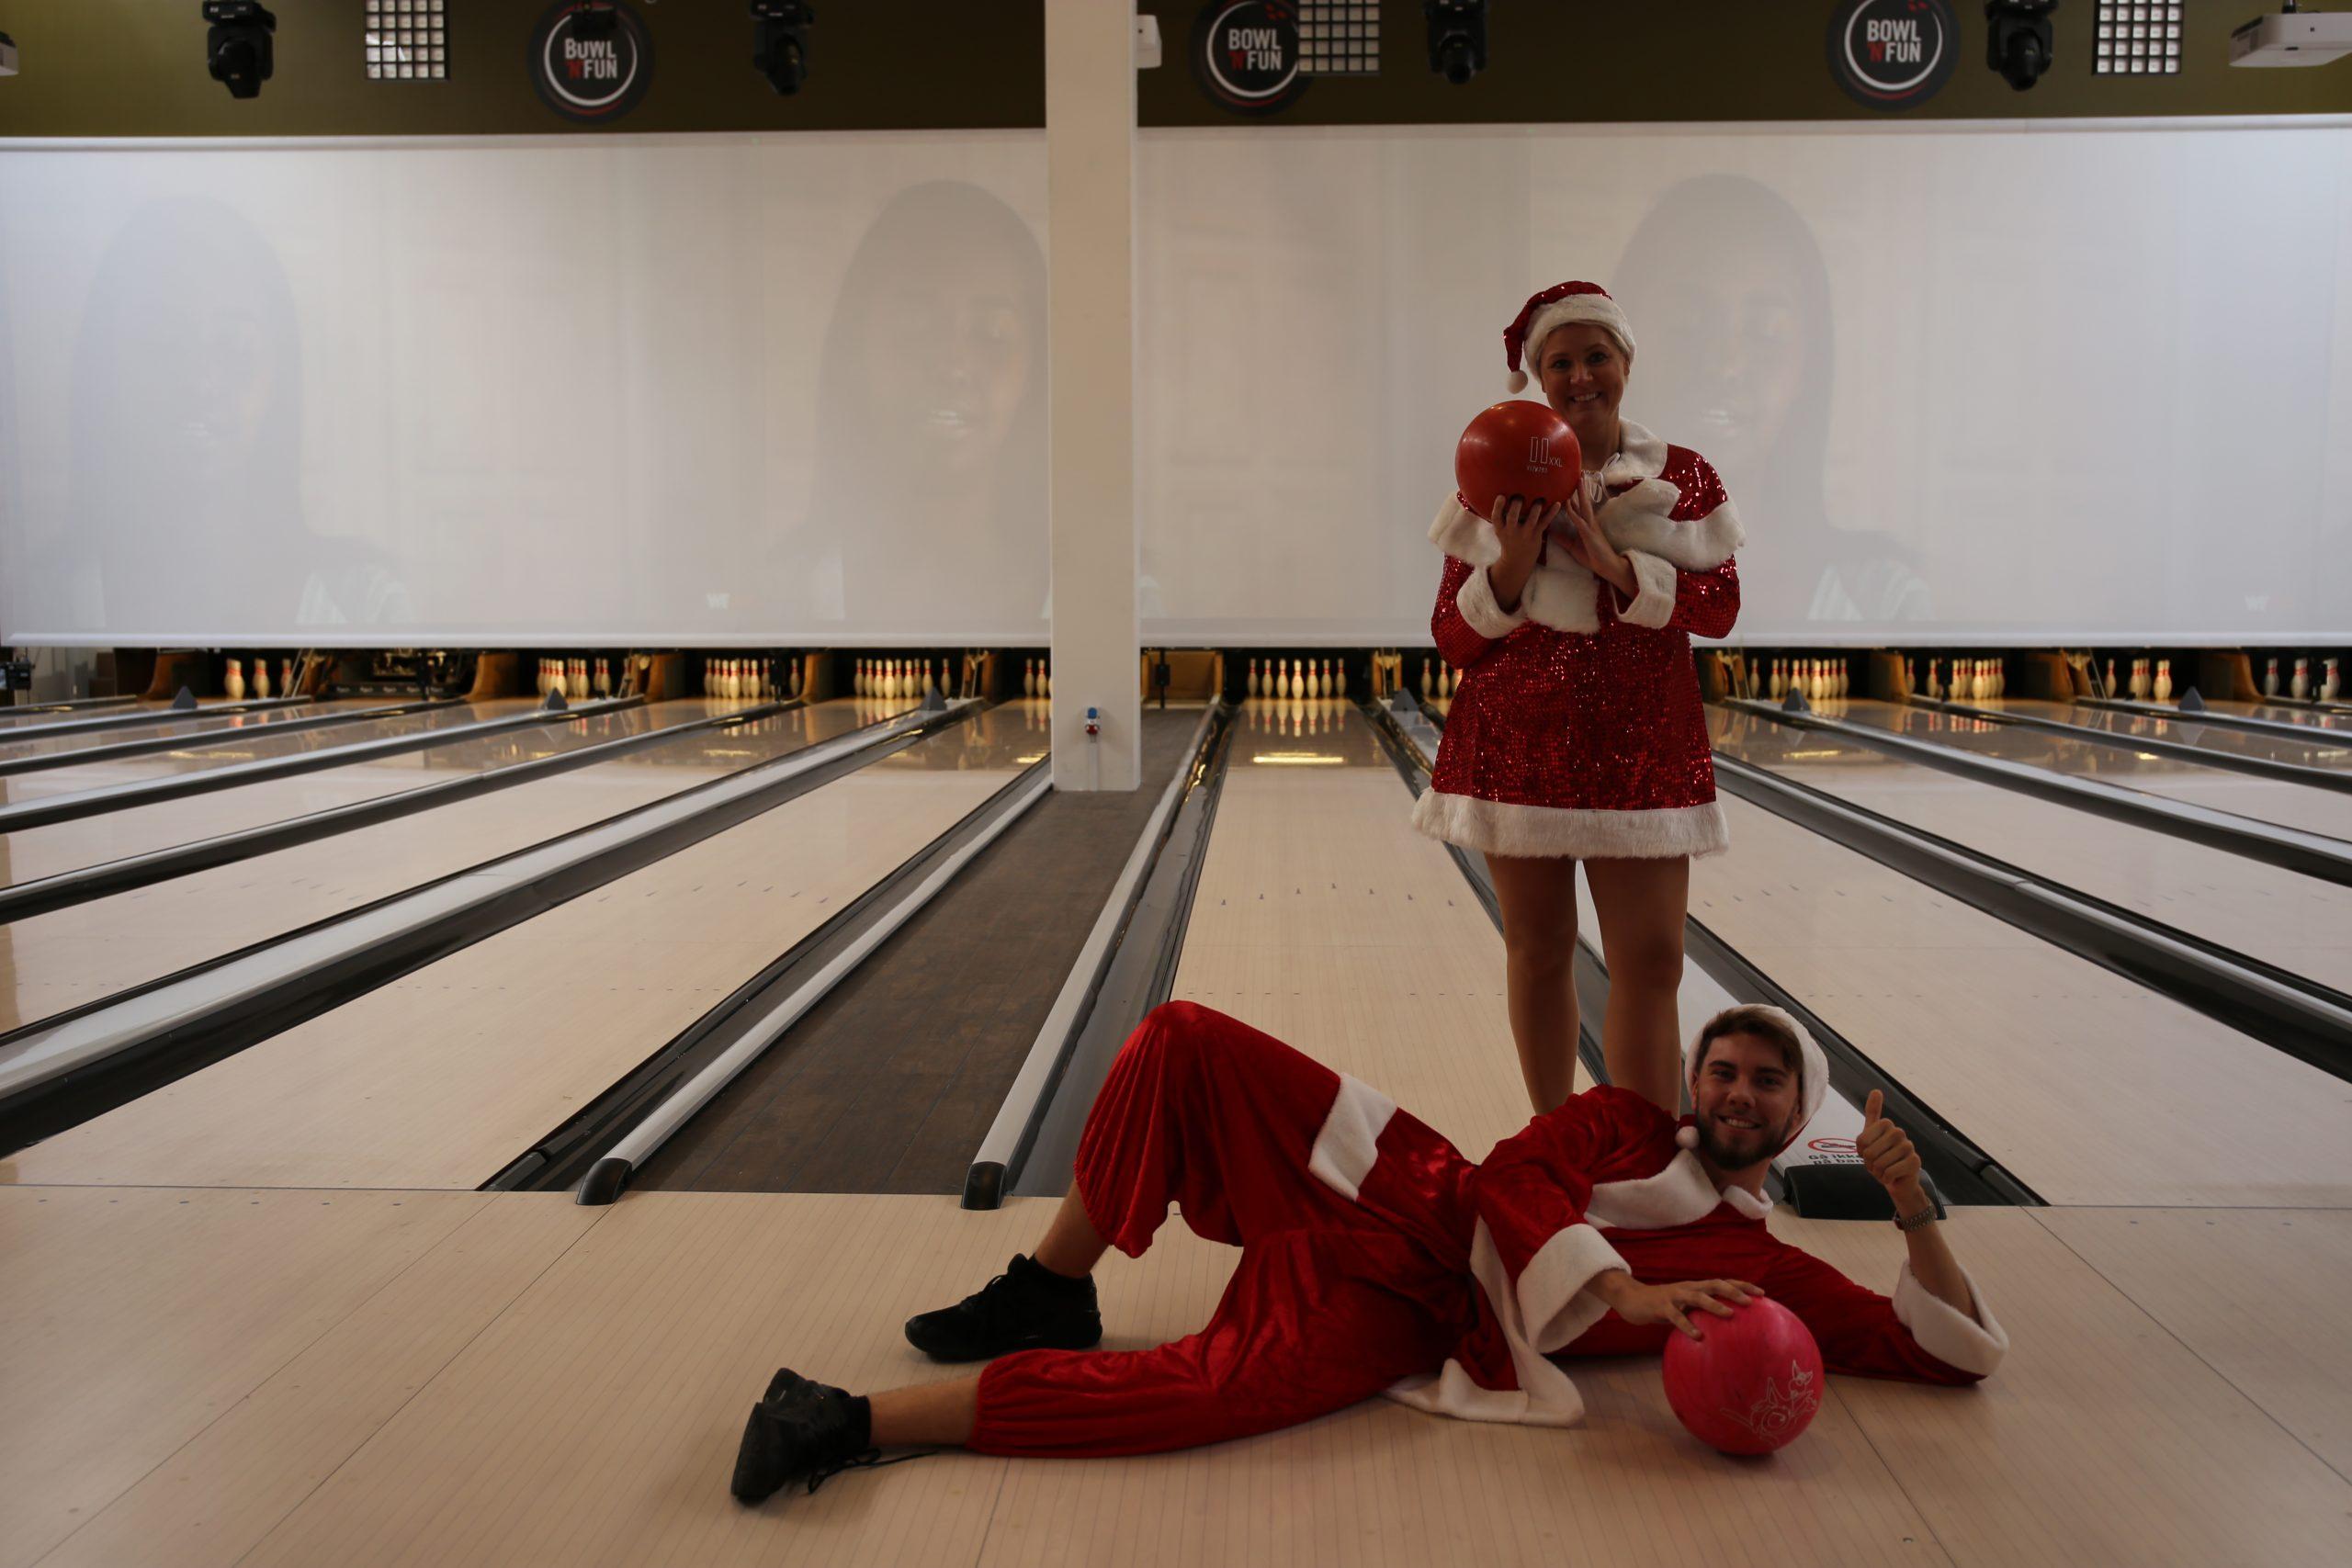 Mad, drikke og underholdning ad libitum: Kom til årets sjoveste julefrokost i Maximum